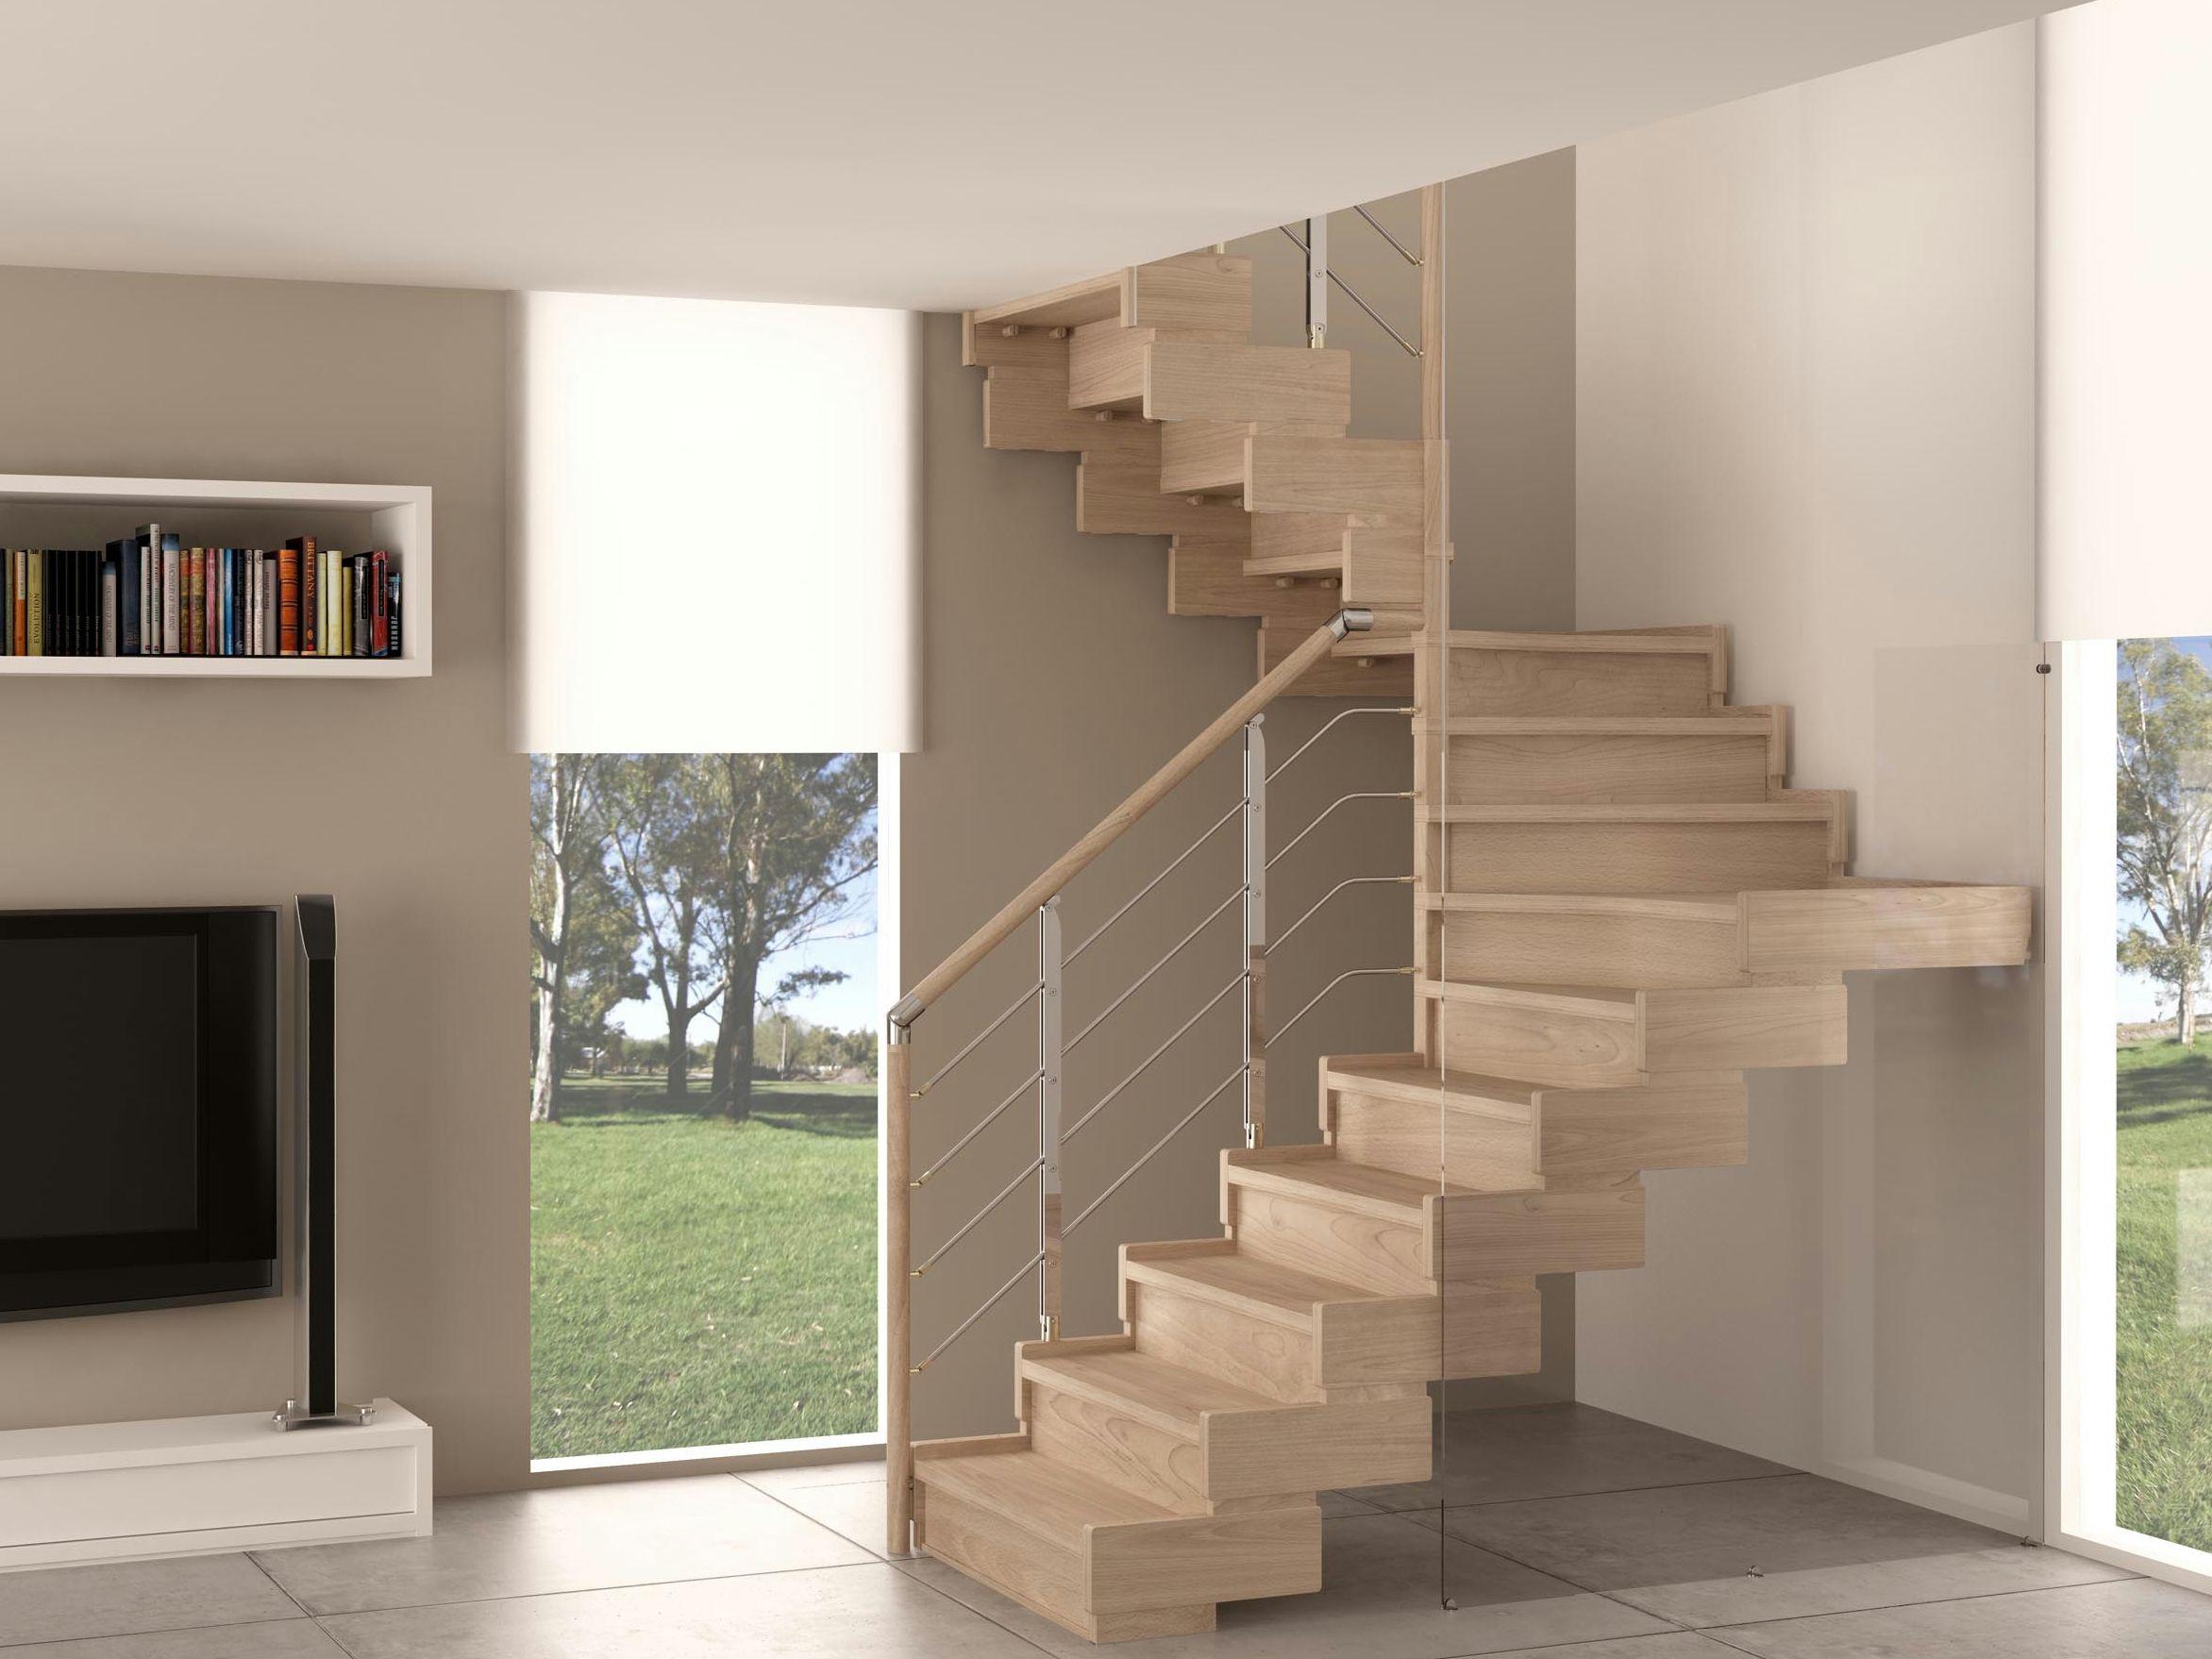 Escalera abierta de madera trasforma design by rintal for Escaleras rintal